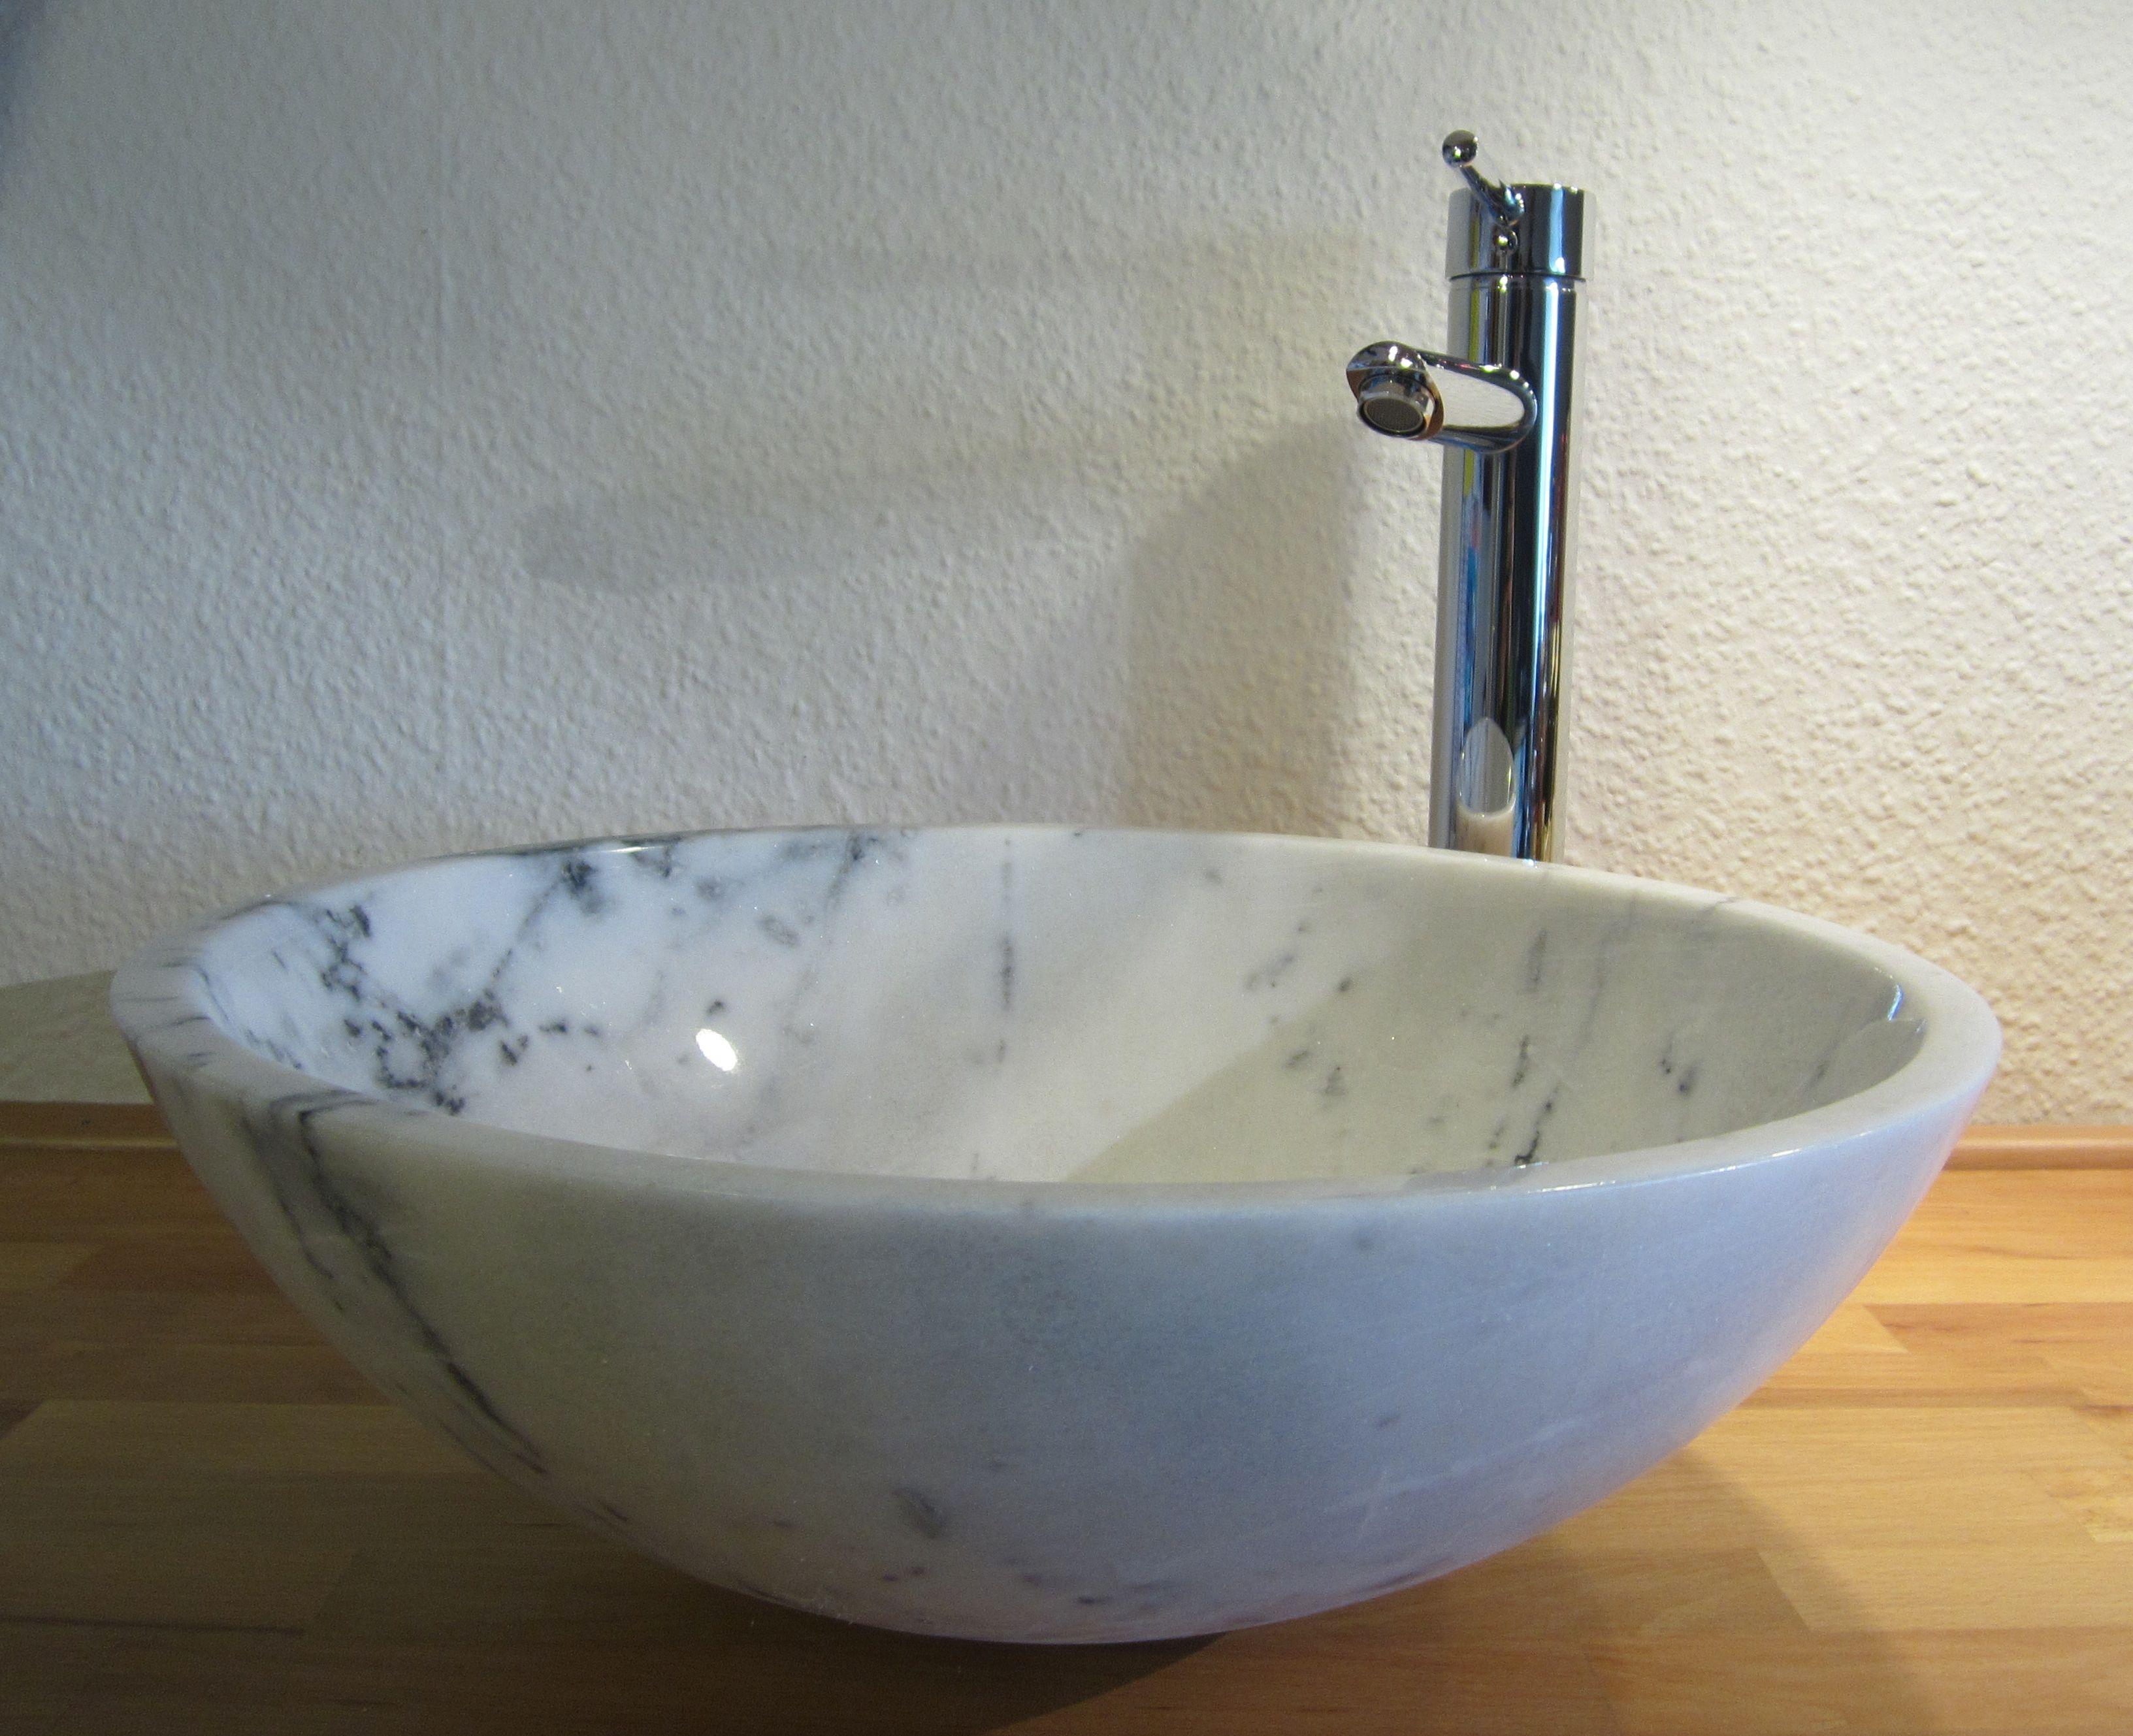 Marmor Waschbecken nero badshop aufsatz waschbecken rund marmor weiß braun